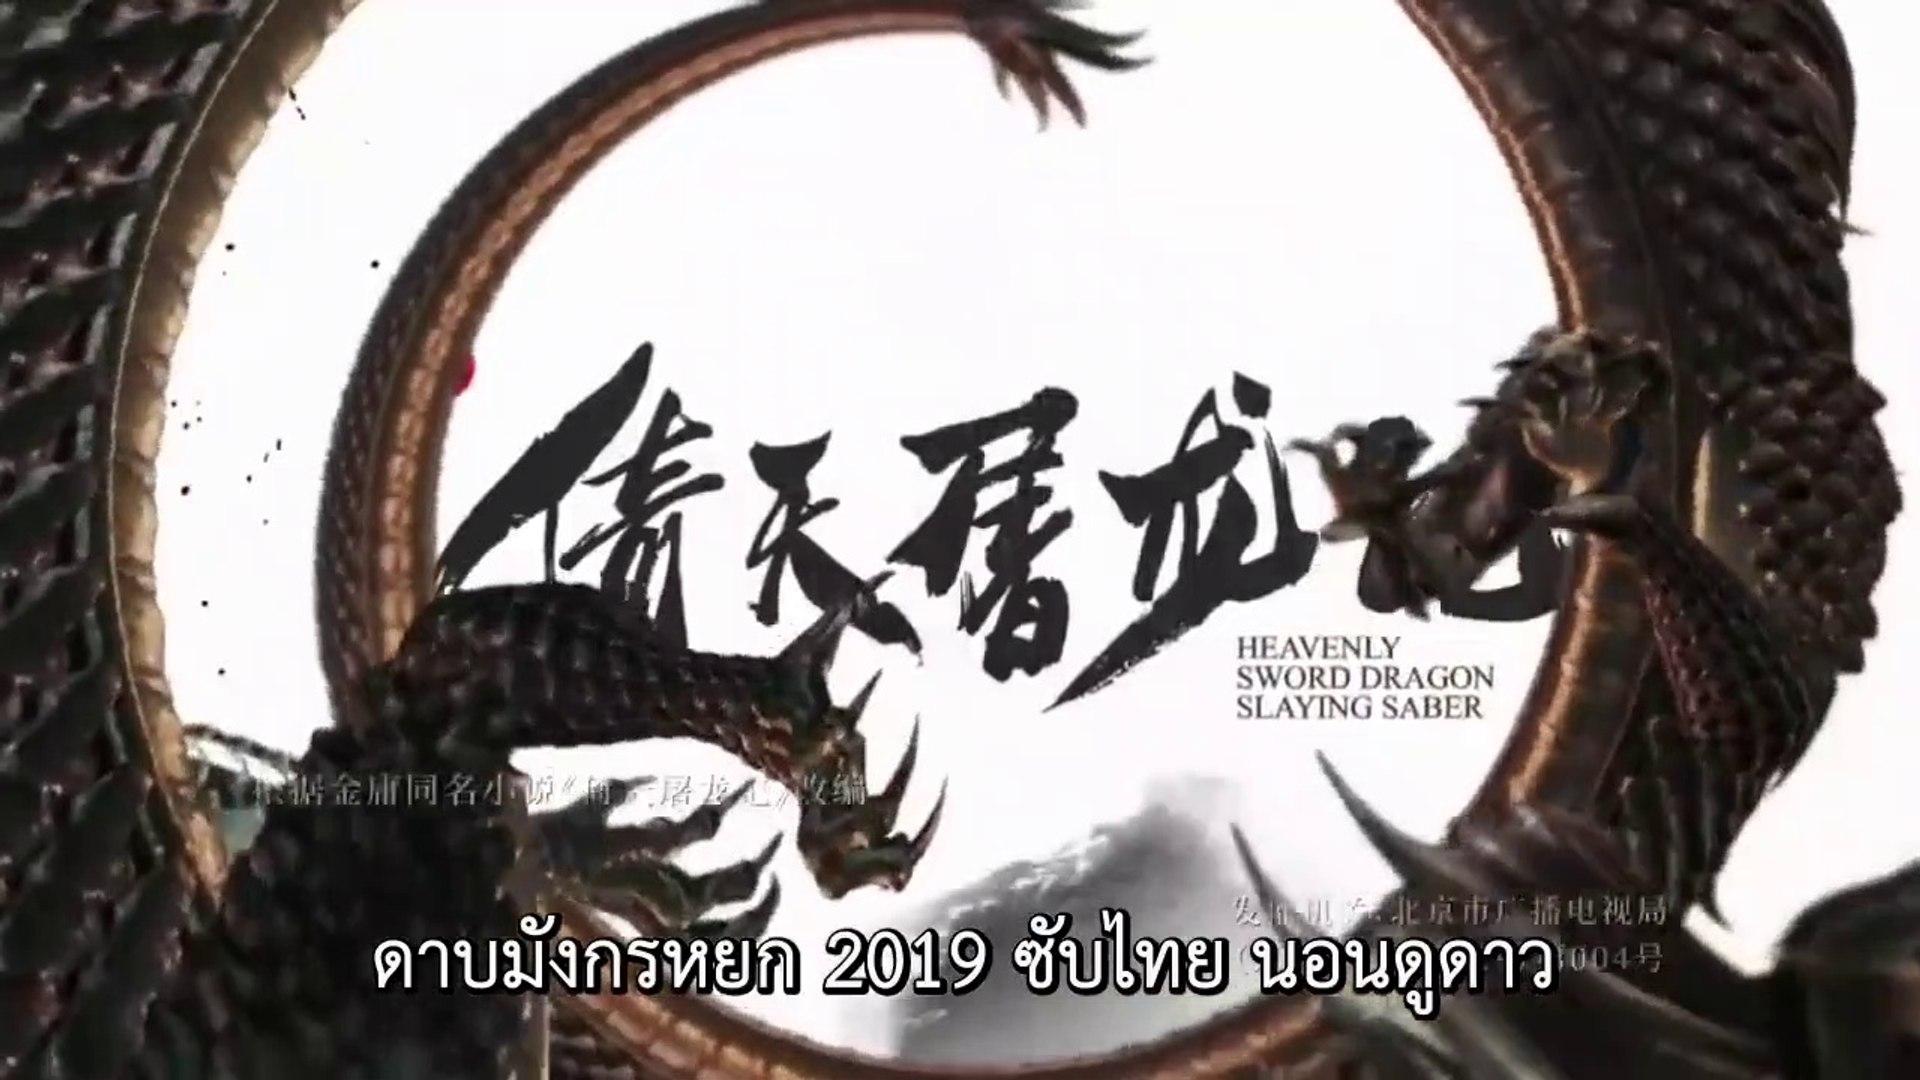 ดาบมังกรหยก2019 ซับไทย ตอนที่ 2